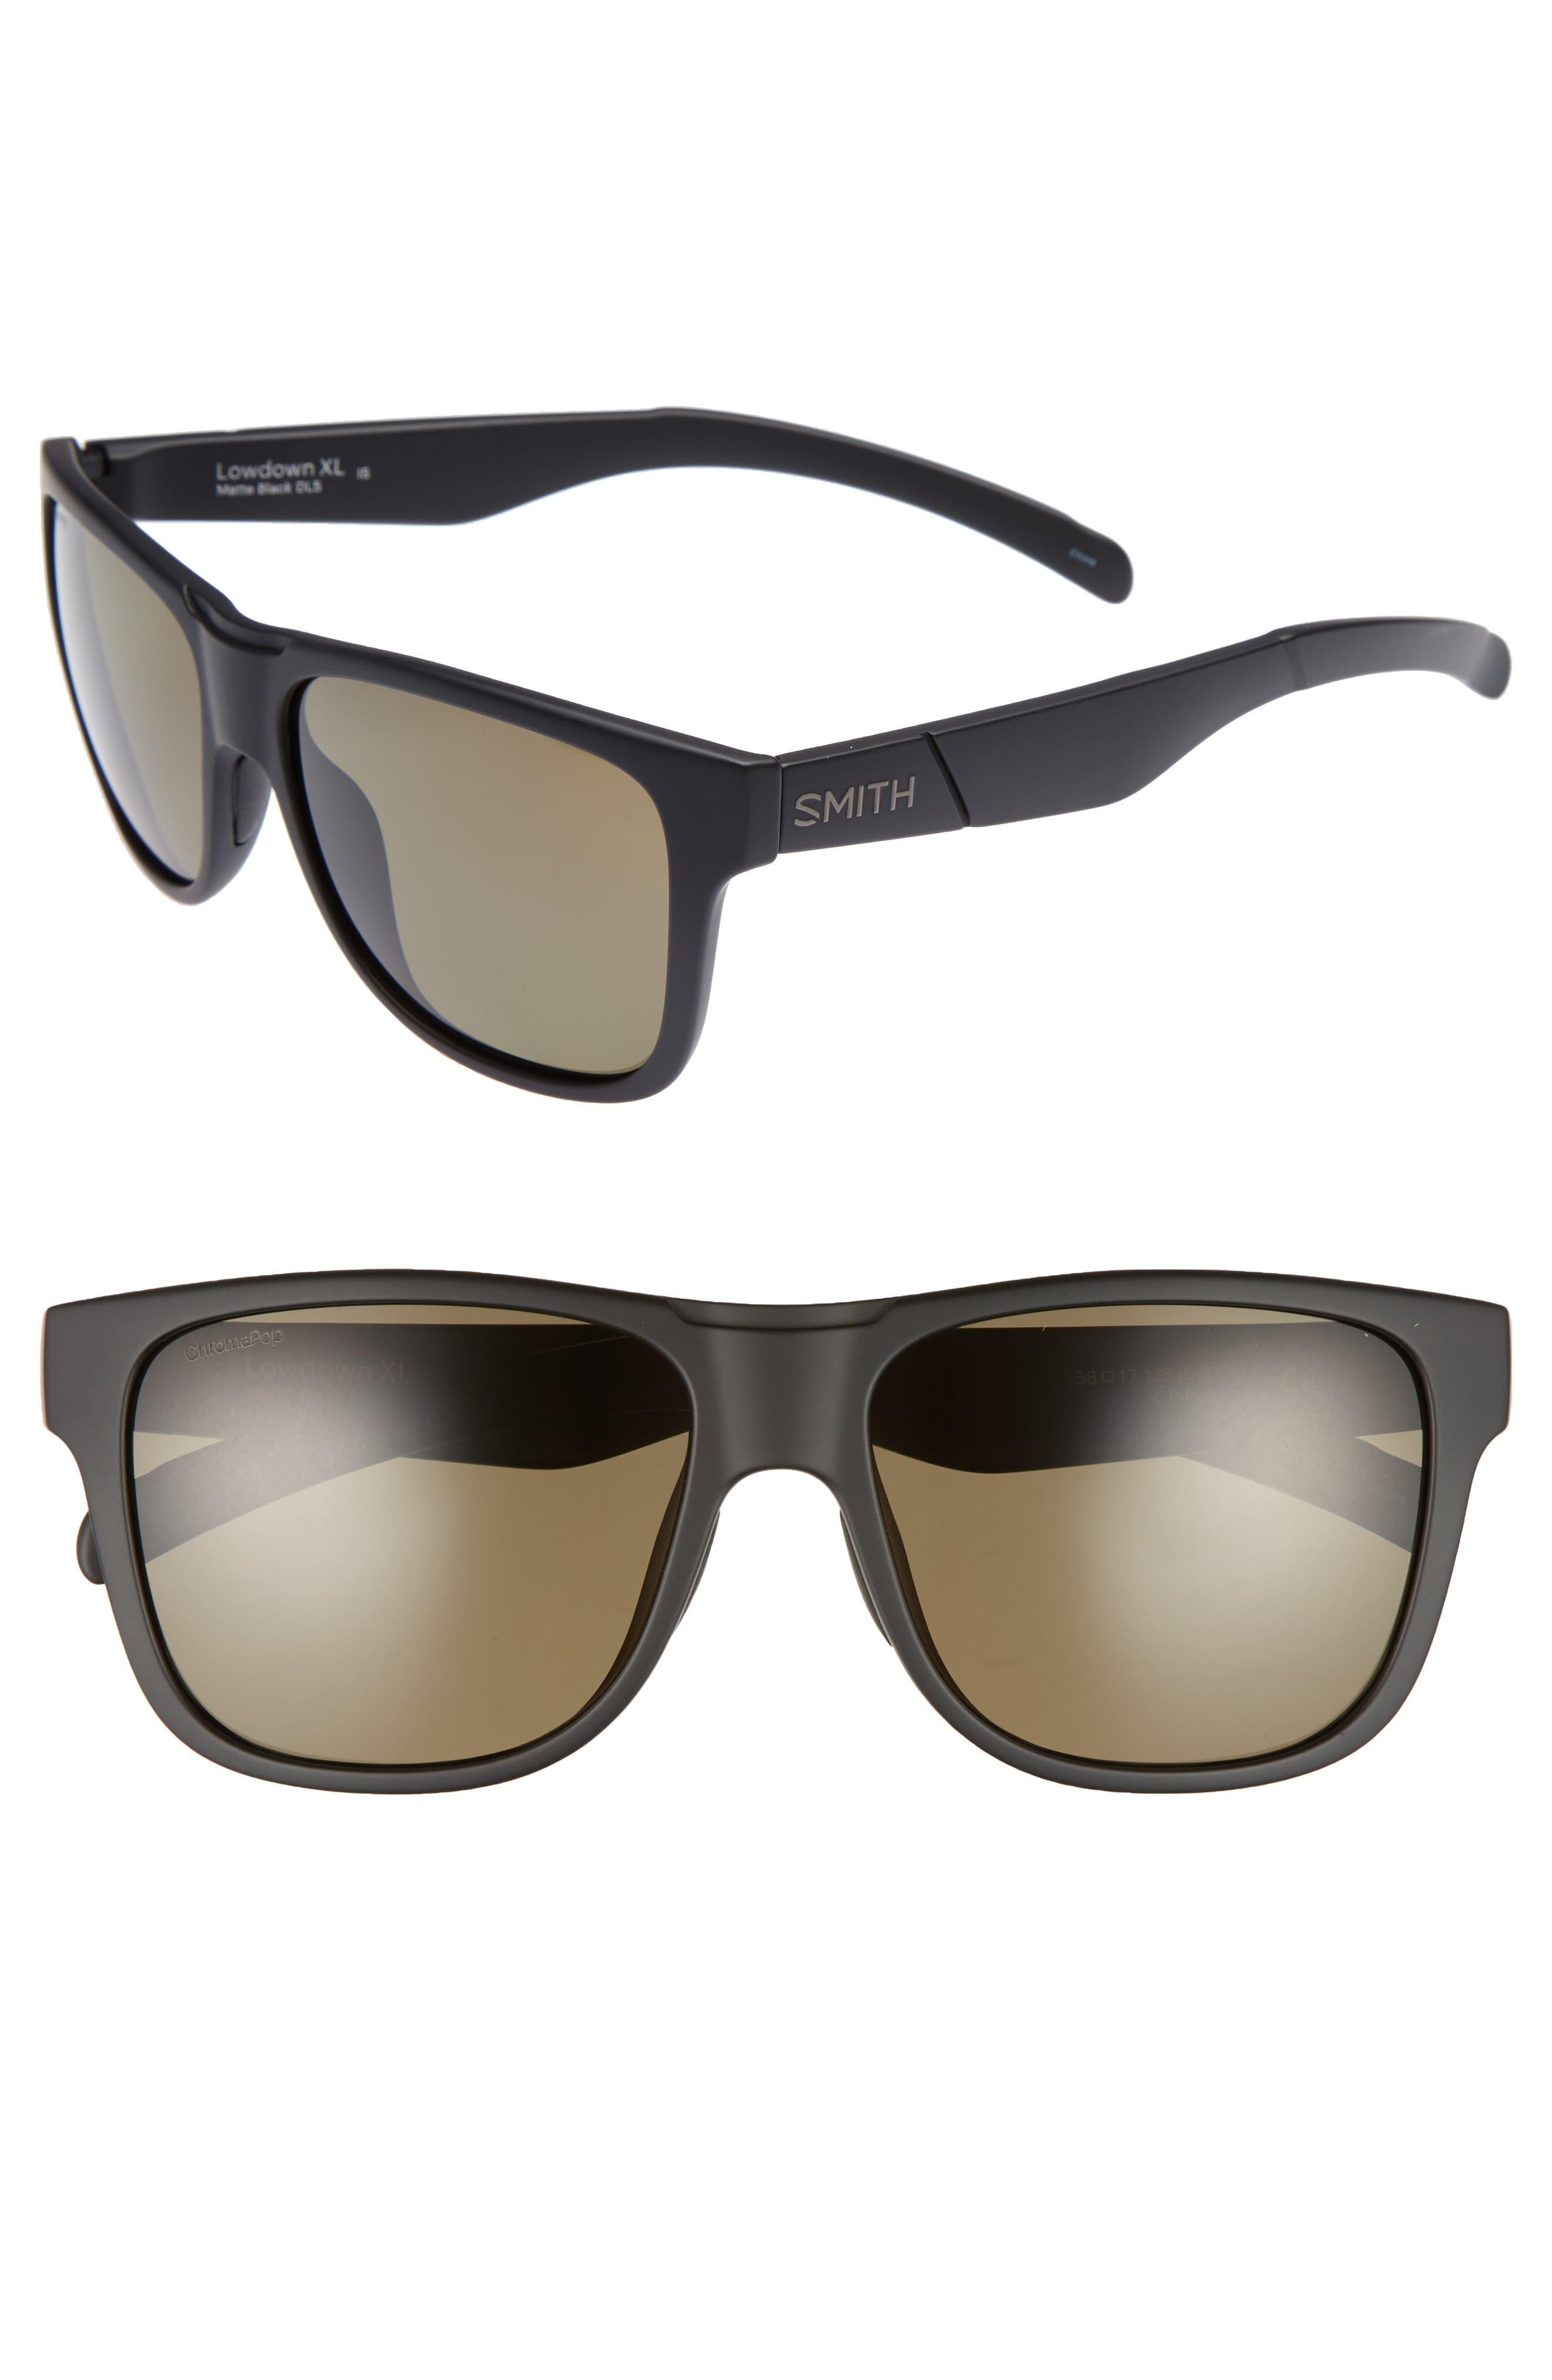 Main Image - Smith Lowdown XL 58mm Polarized Sunglasses